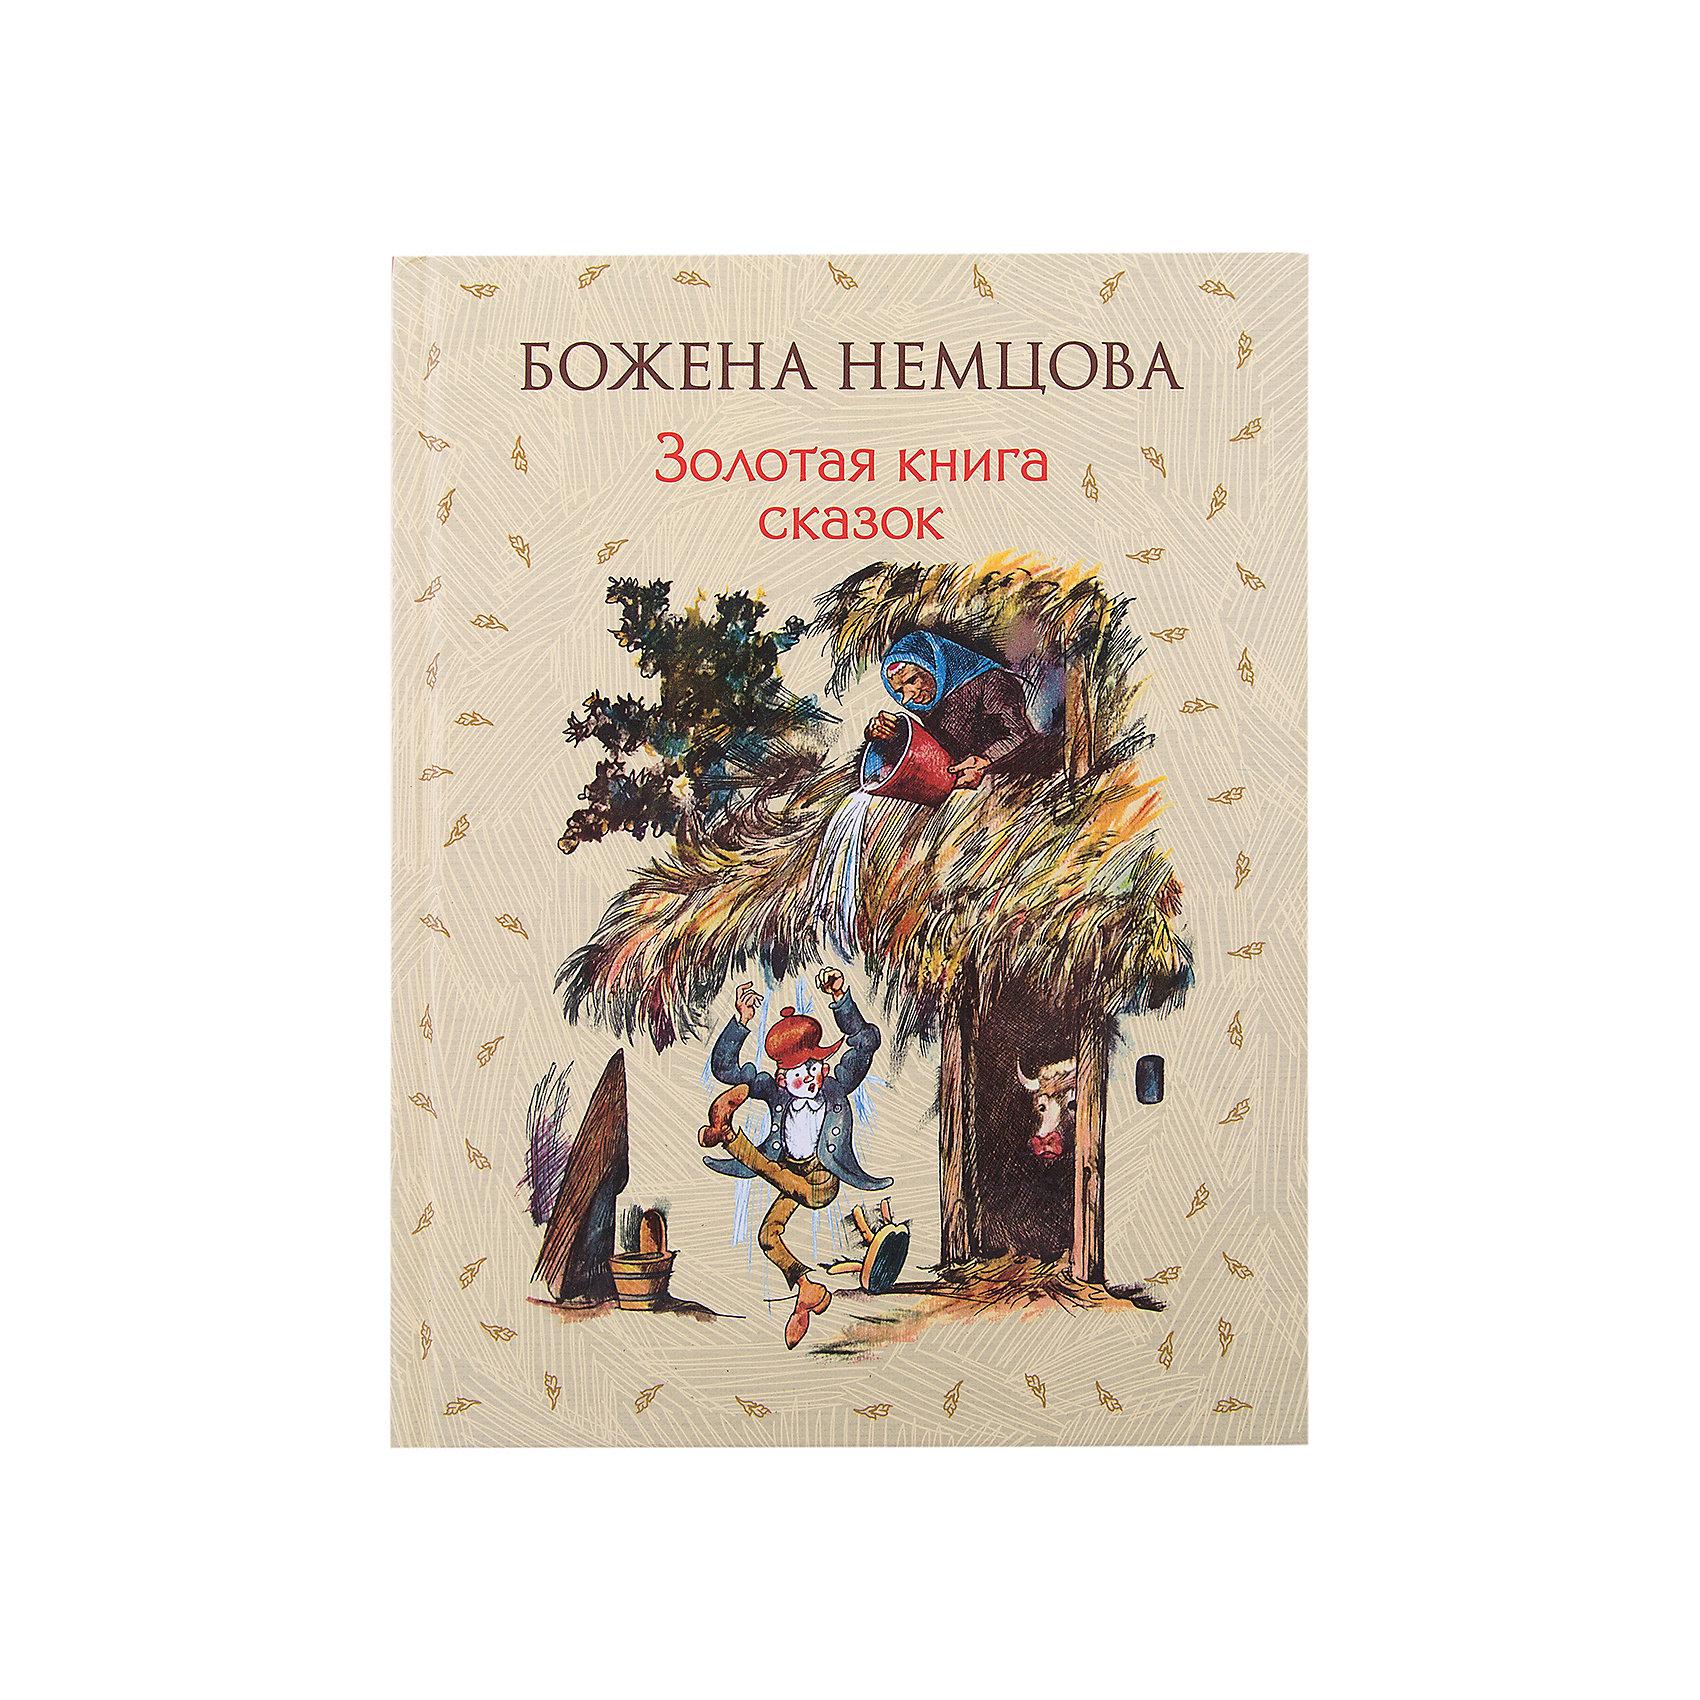 Золотая книга сказок (ил. Ш. Цпина)В коллекцию золотых и серебряных сказок вошли лучшие волшебные истории, собранные выдающей писательницей XIX века Боженой Немцовой. Они перенесут вас в чудесный мир, где обитают драконы и великаны, ведьмы и невиданные существа, где прекрасная принцесса томится в заколдованном замке, а сын бедняка может стать королём. Об авторе Божена Немцова - признанный классик европейской литературы. По сей день она остается одним из самых популярных авторов в Чехии, а фольклорные сказки в её обработке знакомы многим с детства. Все сказки даны в классическом переводе Веры Петровой и с иллюстрациями известного словацкого художника XX века Штефана Цпина, обладателя многих международных премий, в том числе за оформление сказок Божены Немцовой.<br><br>Ширина мм: 219<br>Глубина мм: 165<br>Высота мм: 200<br>Вес г: 628<br>Возраст от месяцев: 60<br>Возраст до месяцев: 2147483647<br>Пол: Унисекс<br>Возраст: Детский<br>SKU: 5535309